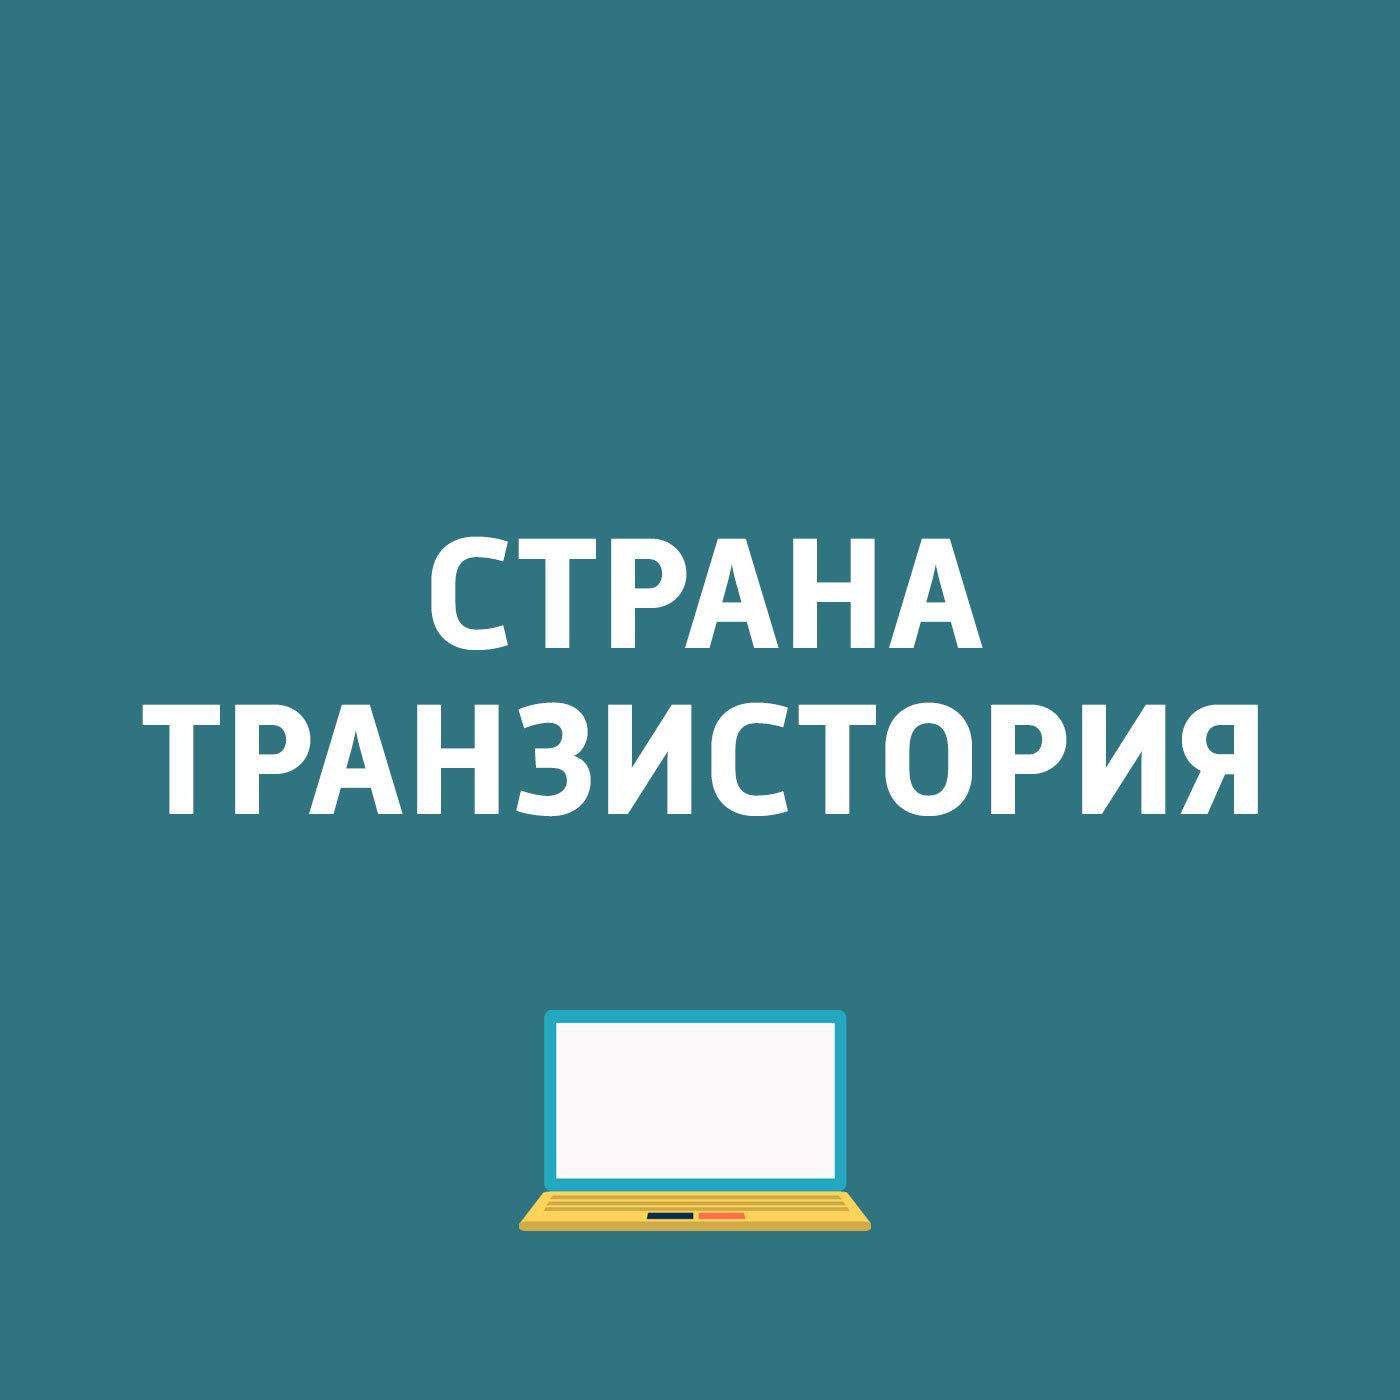 Картаев Павел Sony начала принимать предзаказы на Xperia X и XA картаев павел sony xperia x performance в рф huawei новый планшет секретные чаты в фб